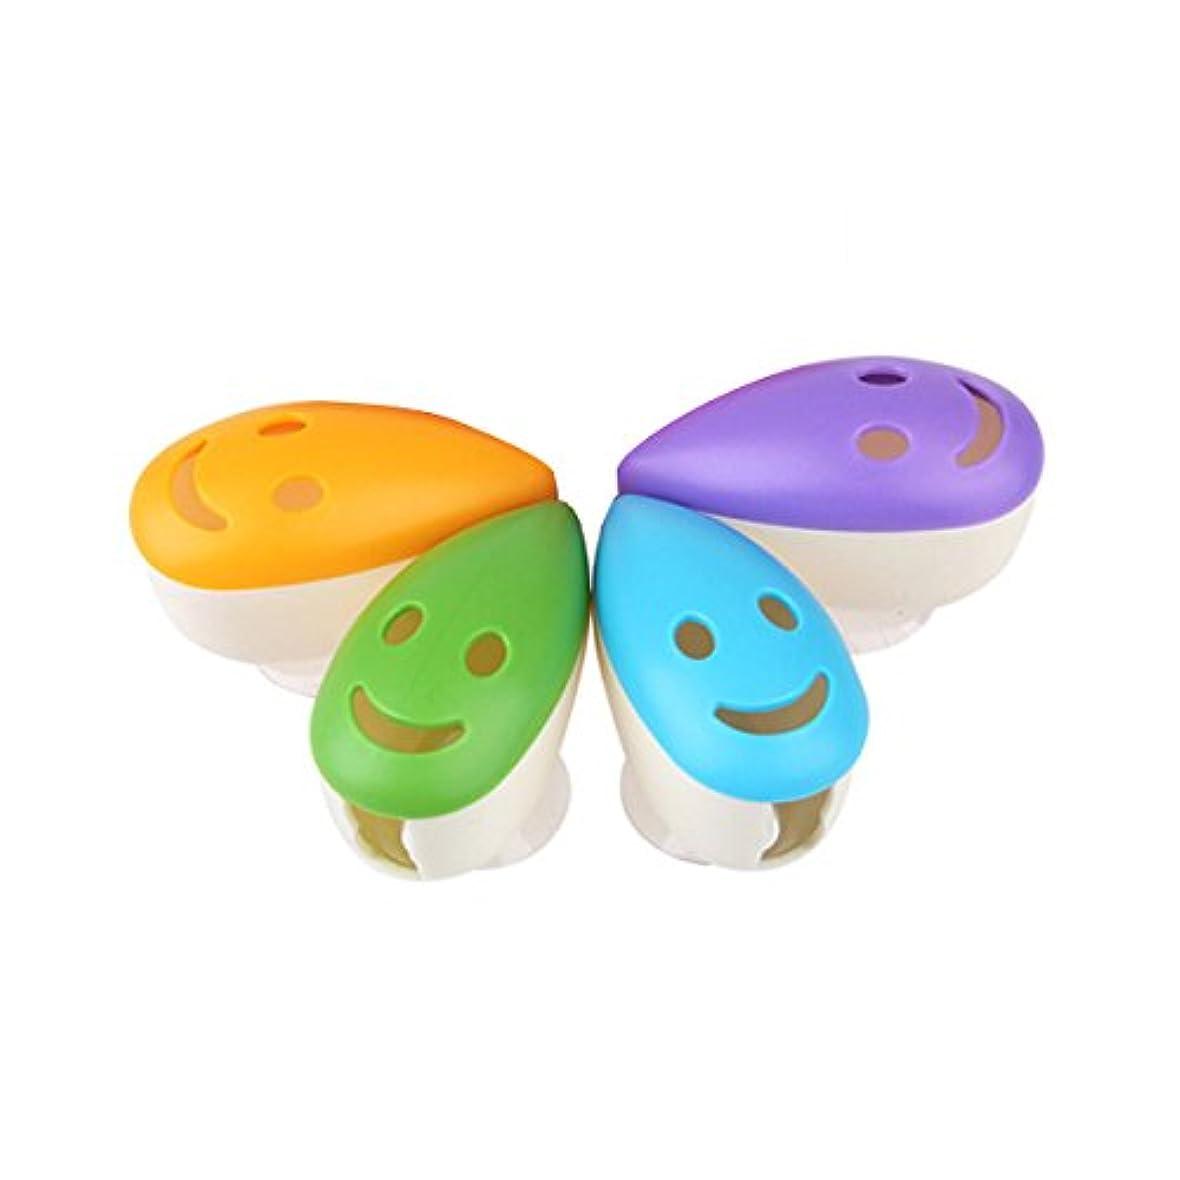 安定短くする落ち込んでいるROSENICE スマイルフェイス抗菌歯ブラシヘッドホルダーサクションカップ4本用